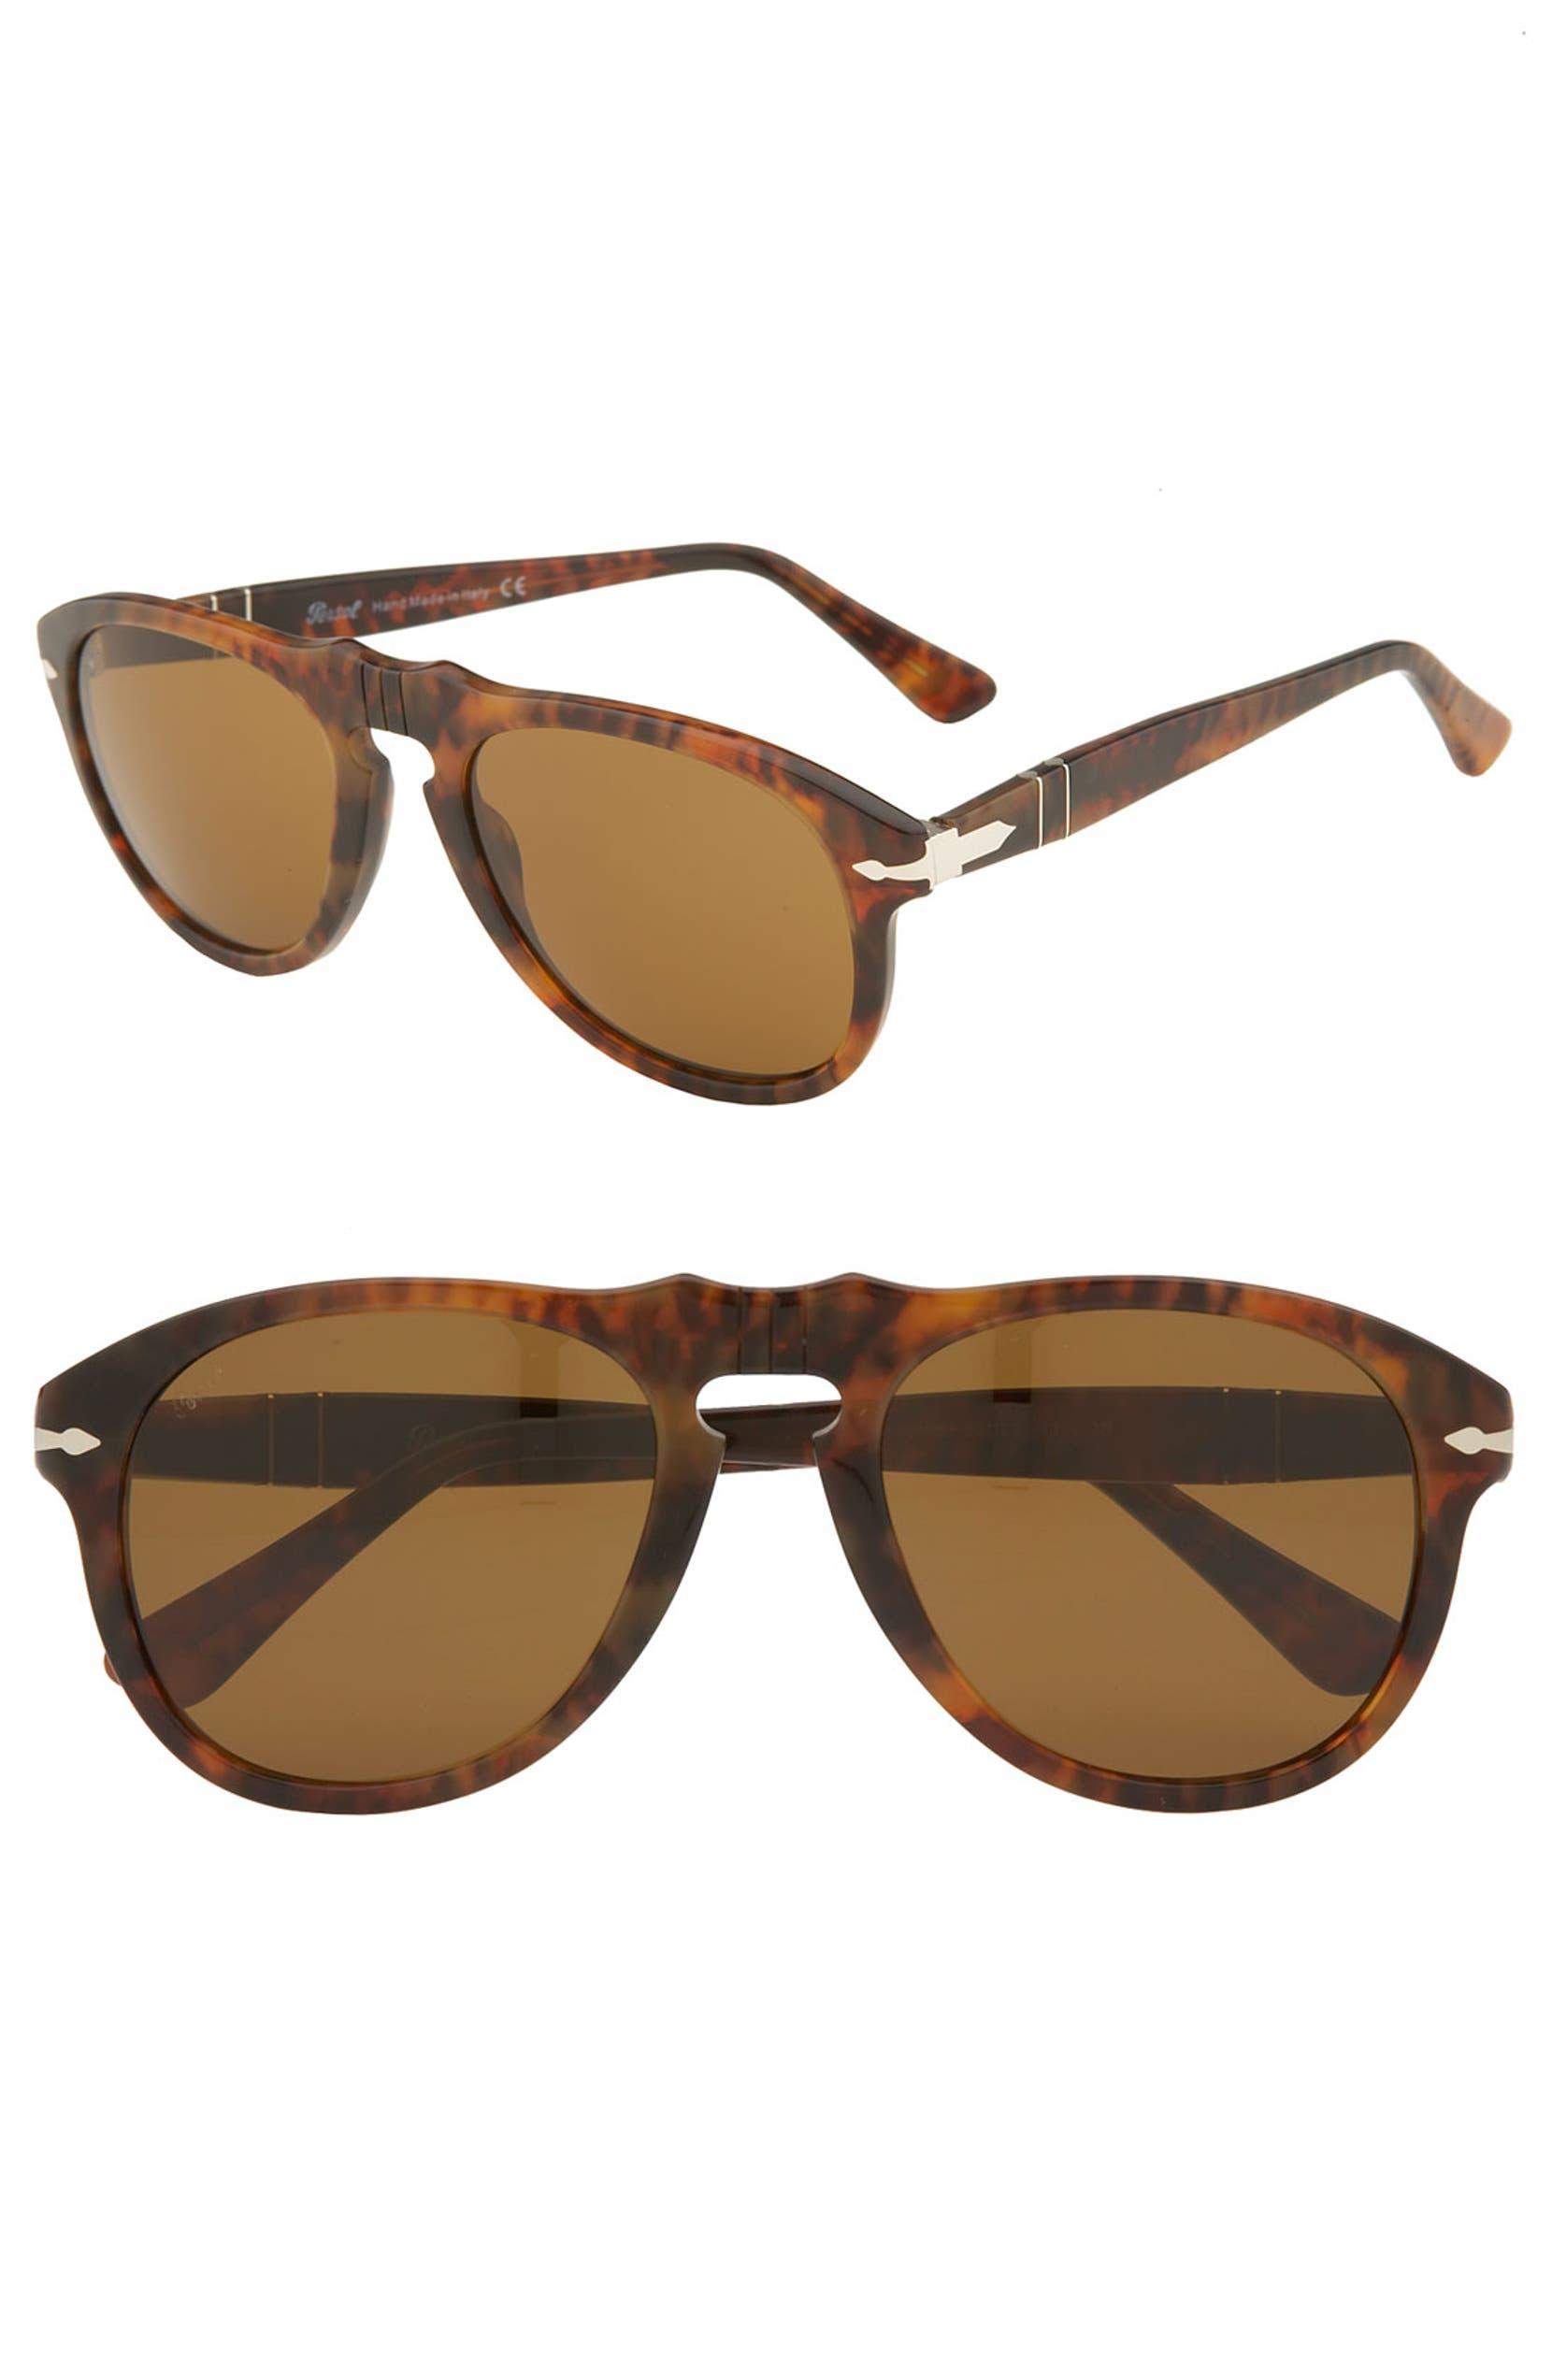 40859e29c12f Persol '649' Retro 52mm Keyhole Sunglasses | Nordstrom